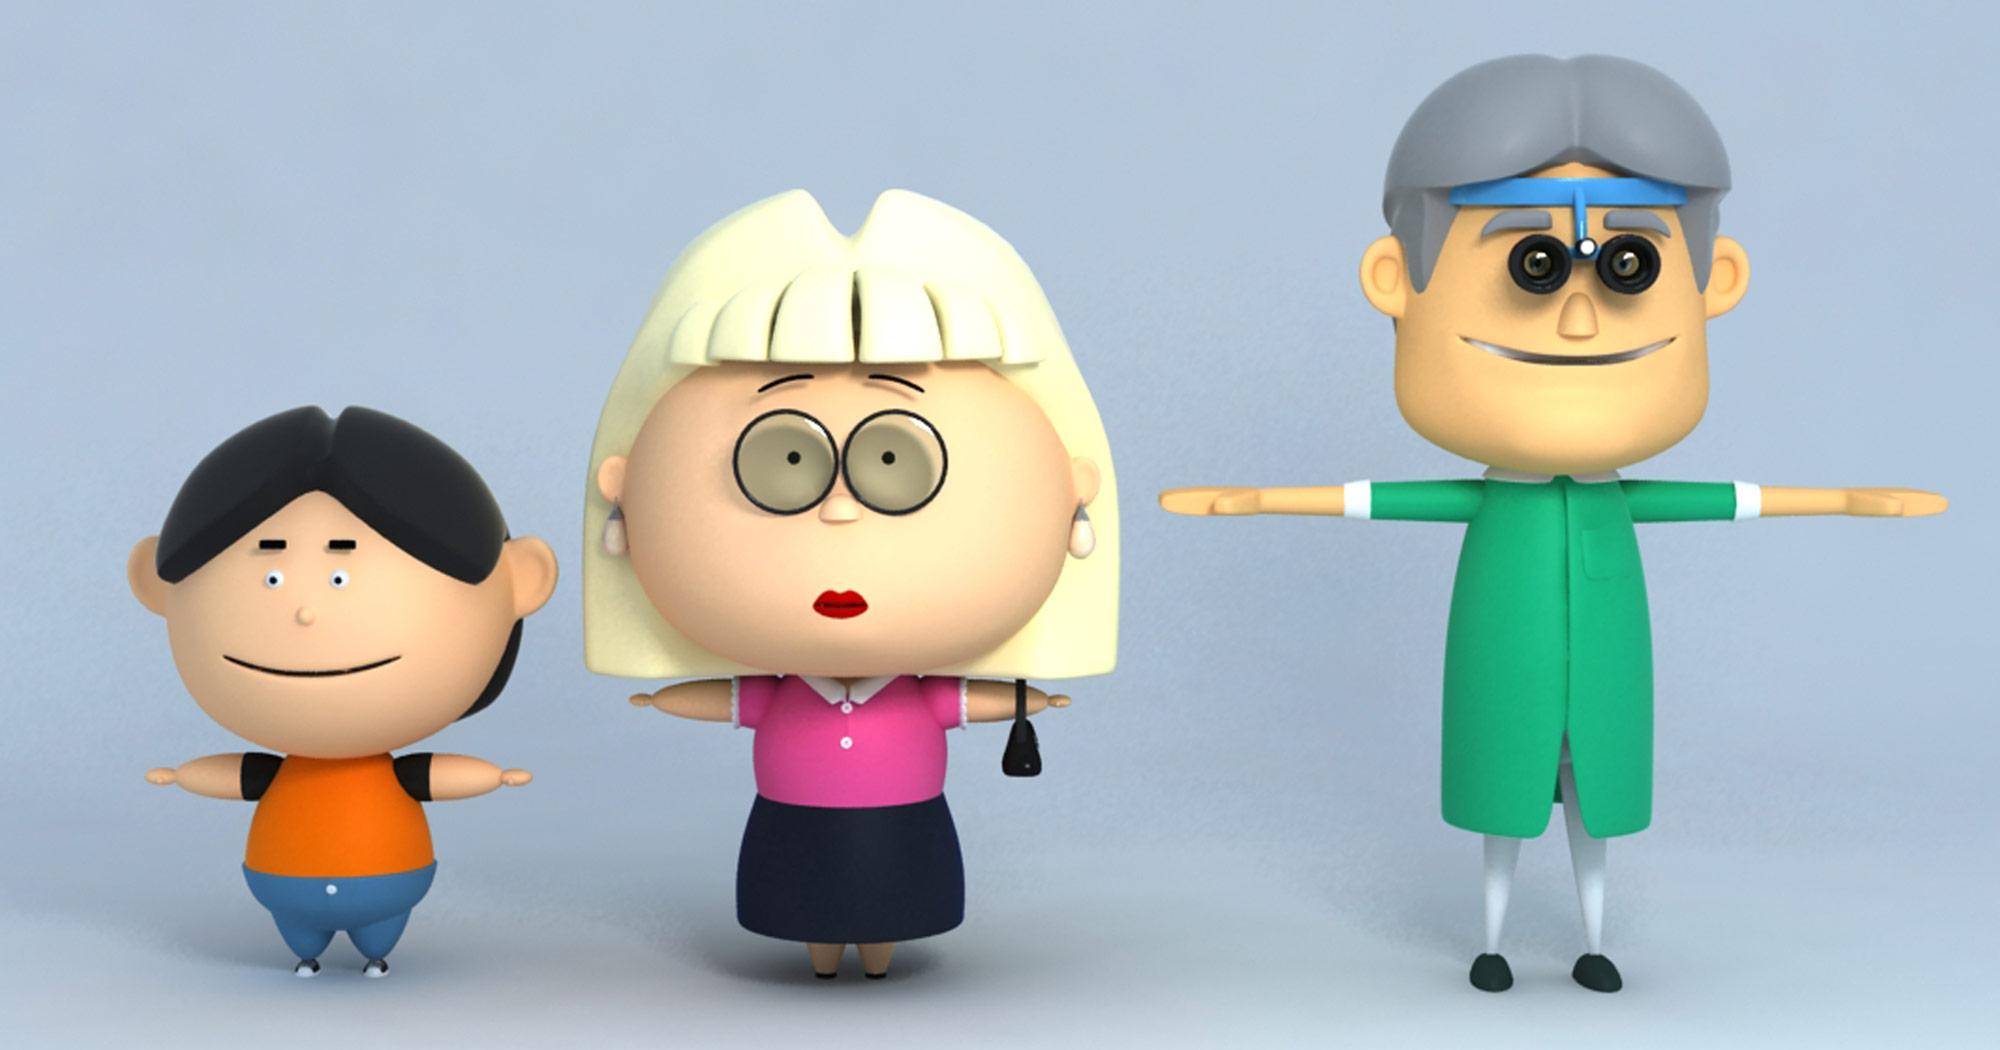 Esempio di T-Pose. I personaggi sono stati realizzati da Daniele Angelozzi